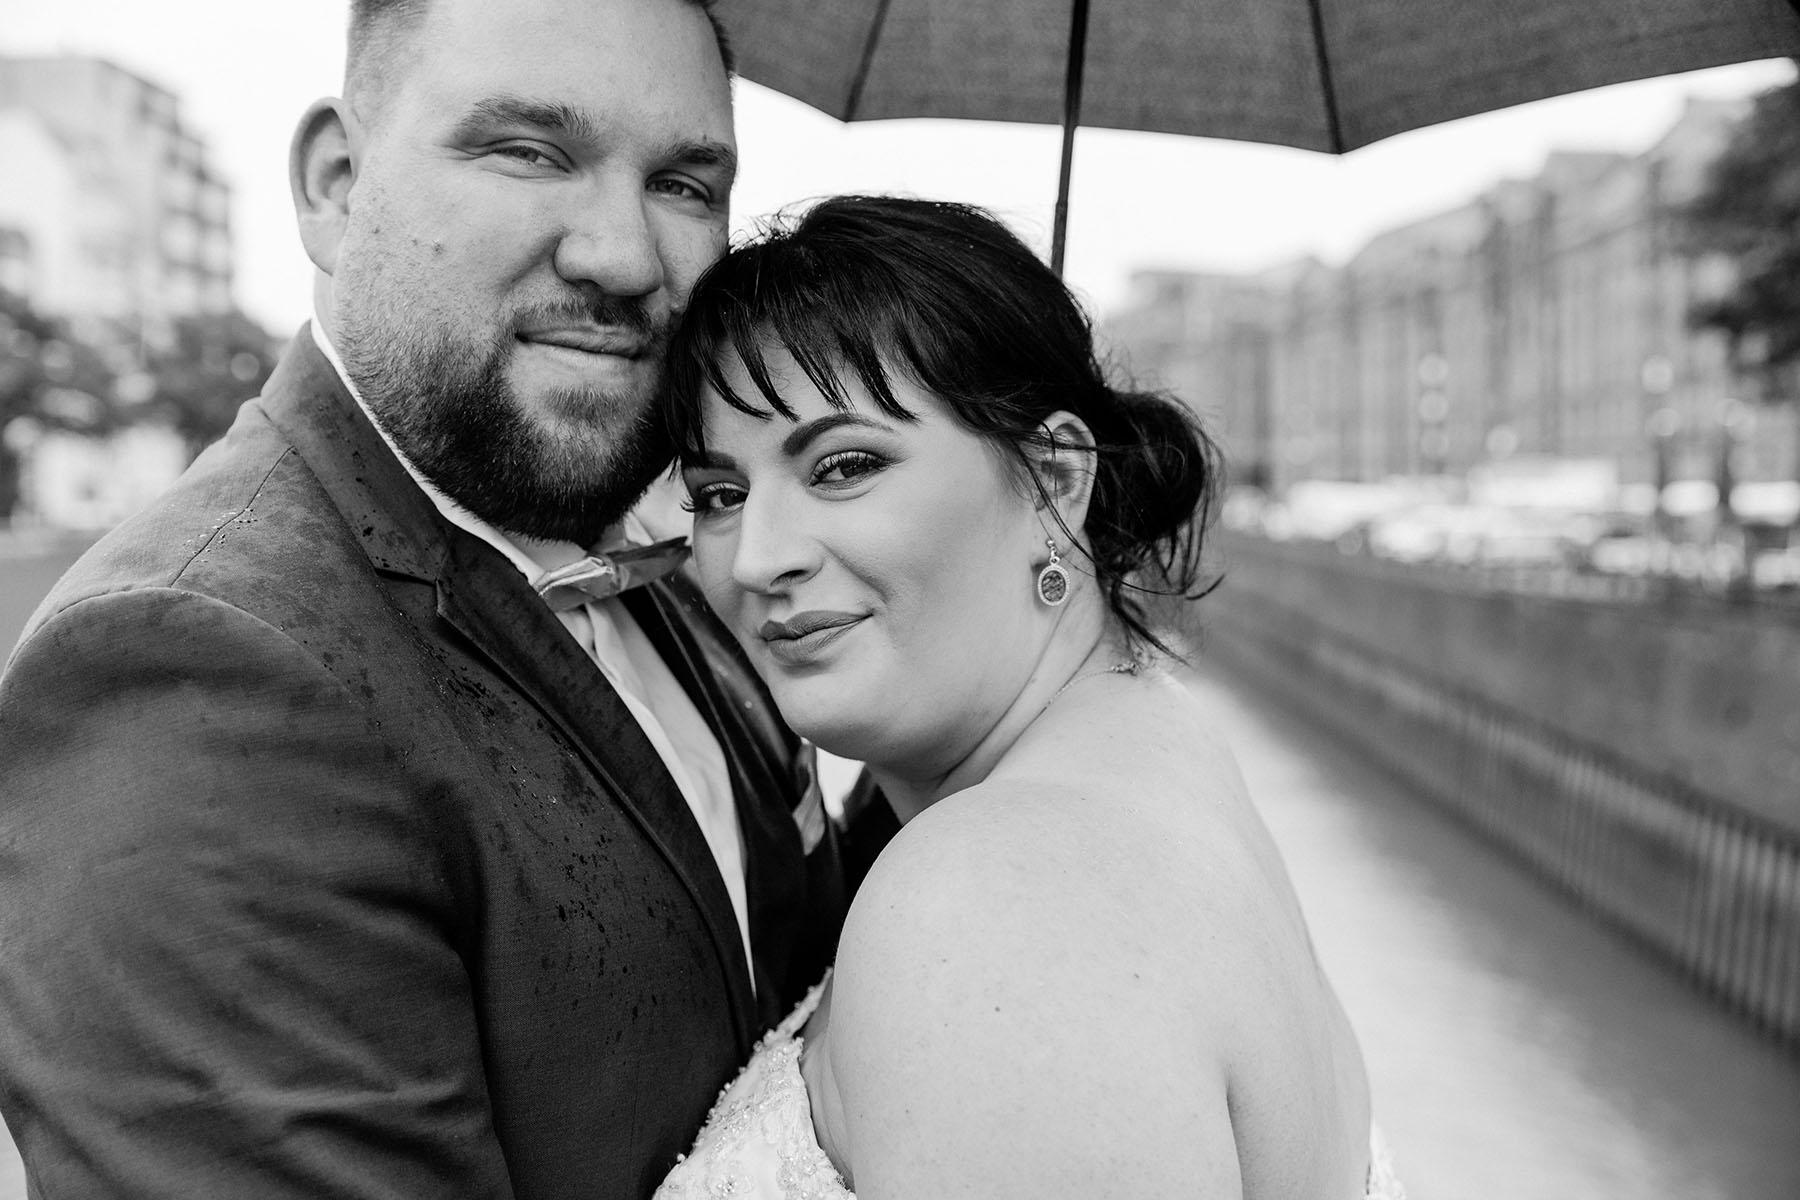 Hochzeit bei Regen HafenCity Hamburg